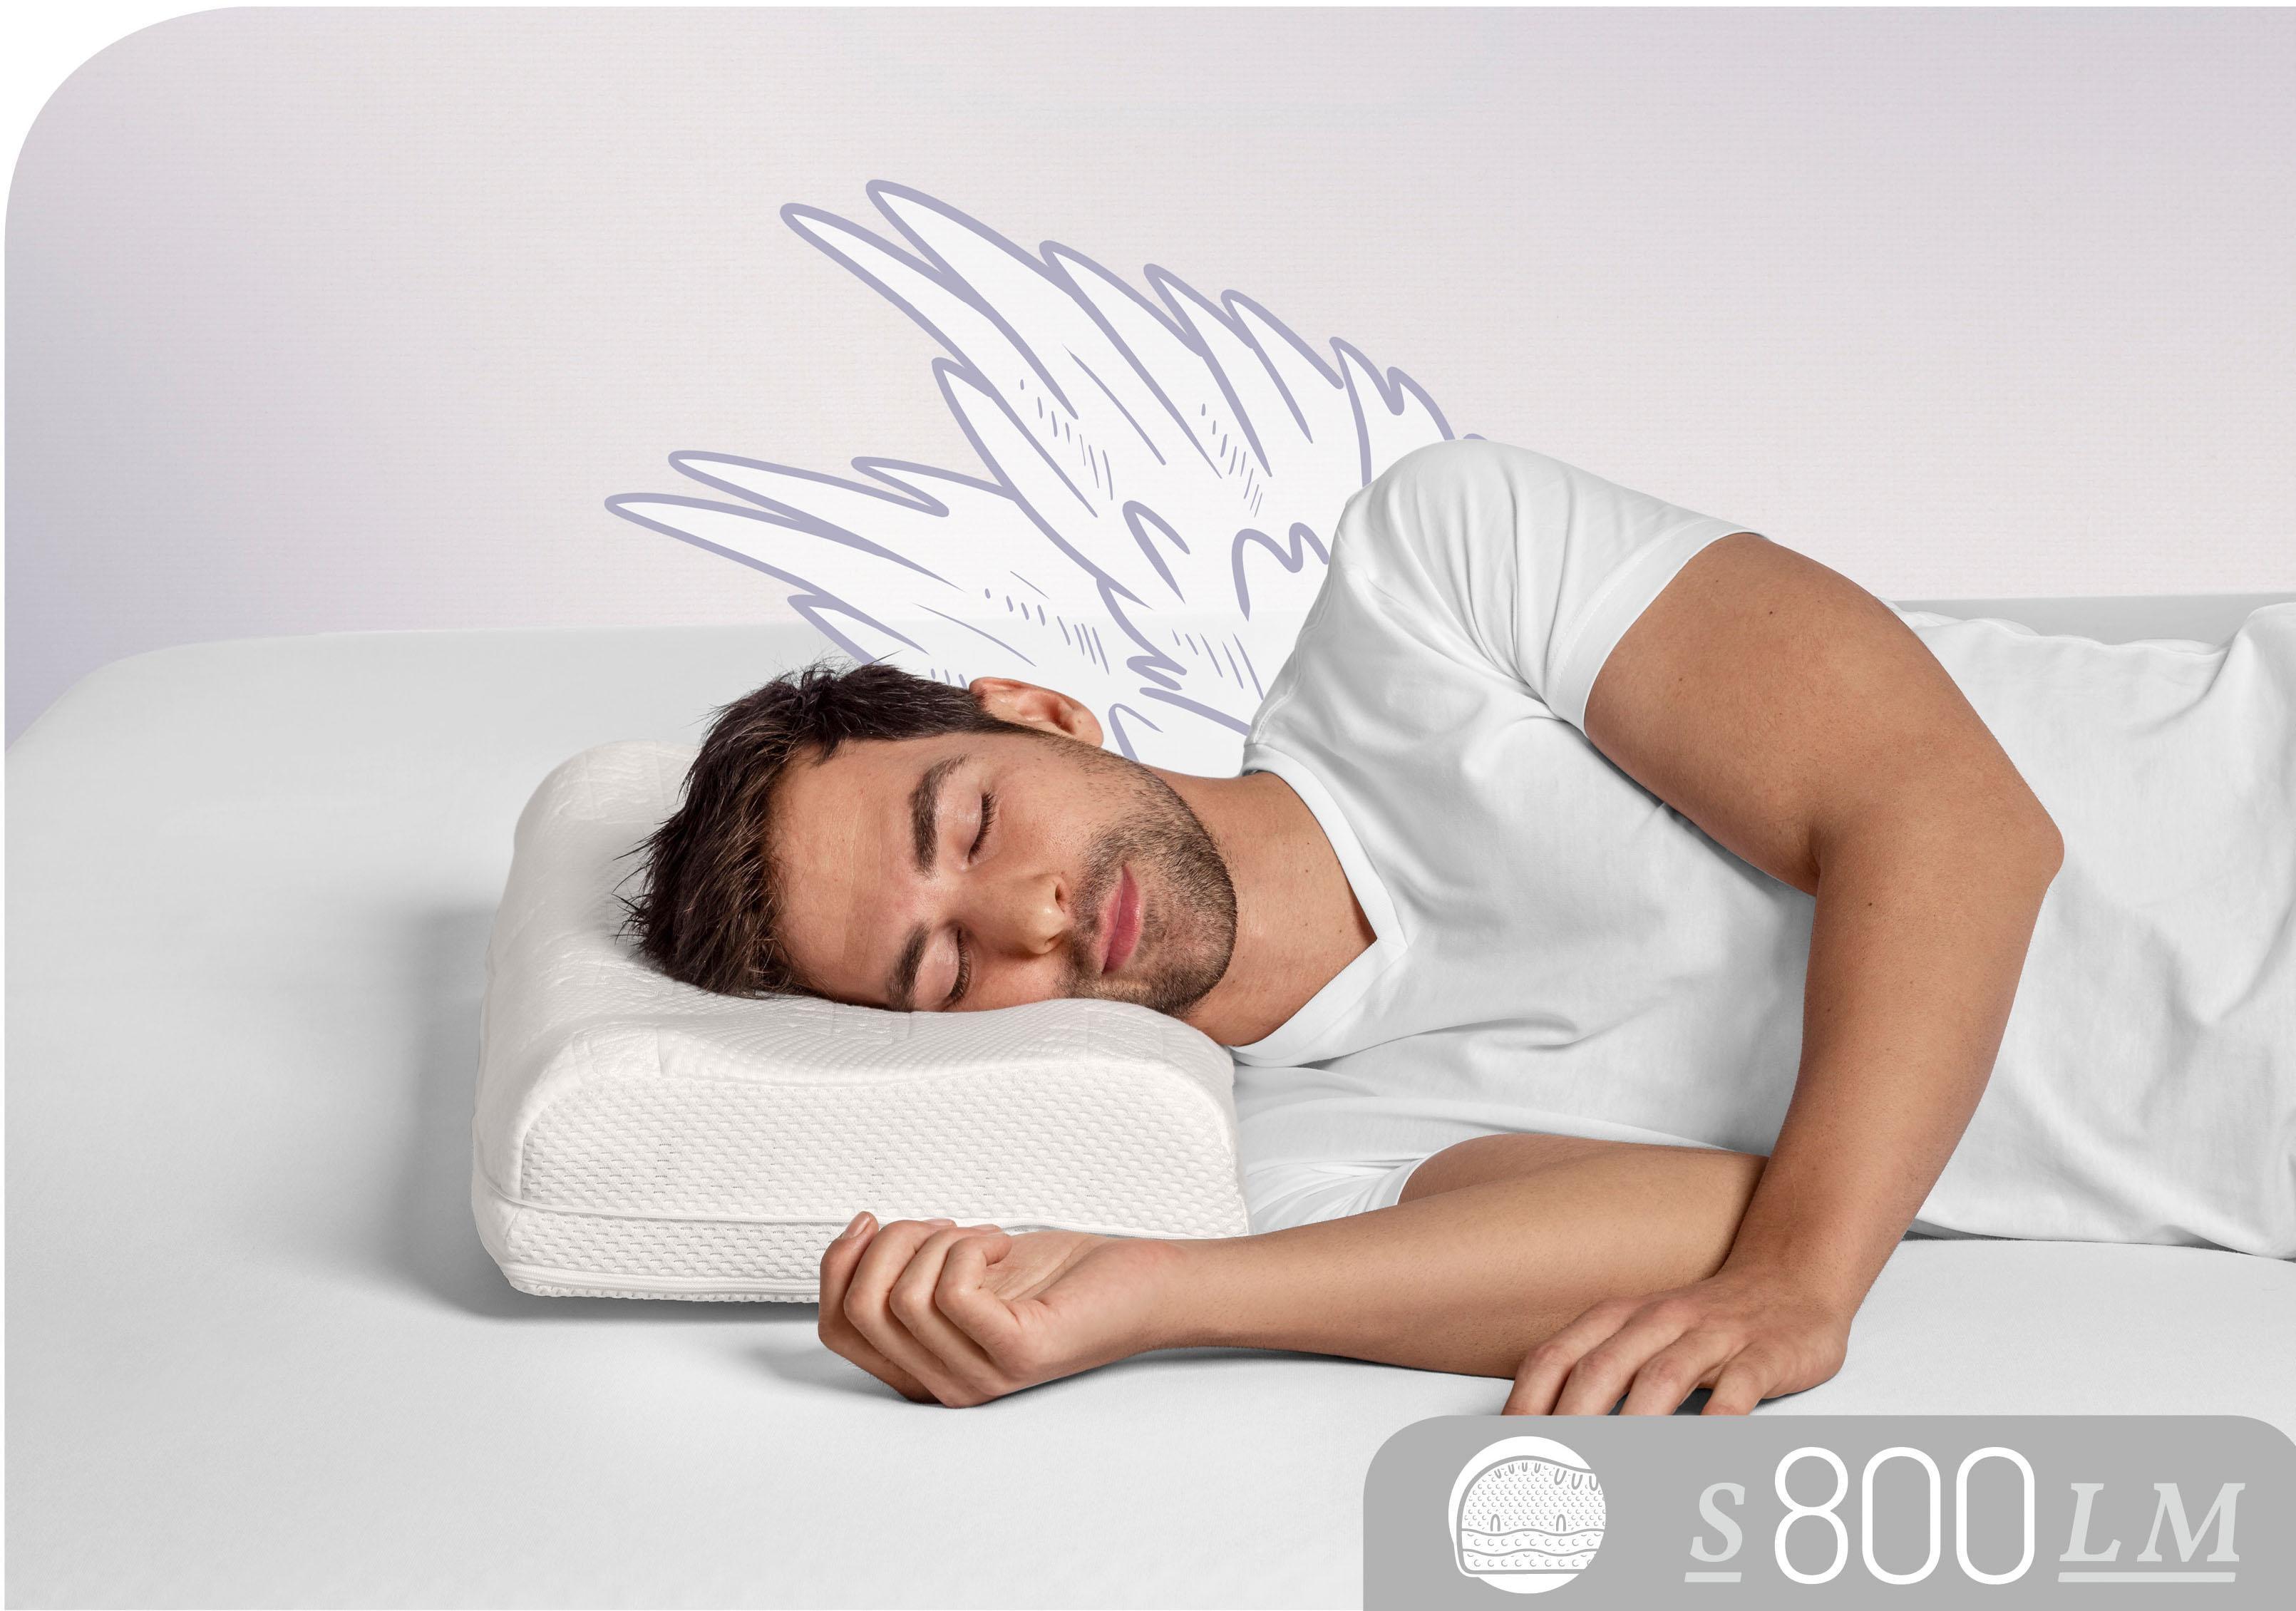 Nackenstützkissen S800 LM Schlafstil Füllung: Talalay Natur Latex Medium Bezug: 100% Baumwolle